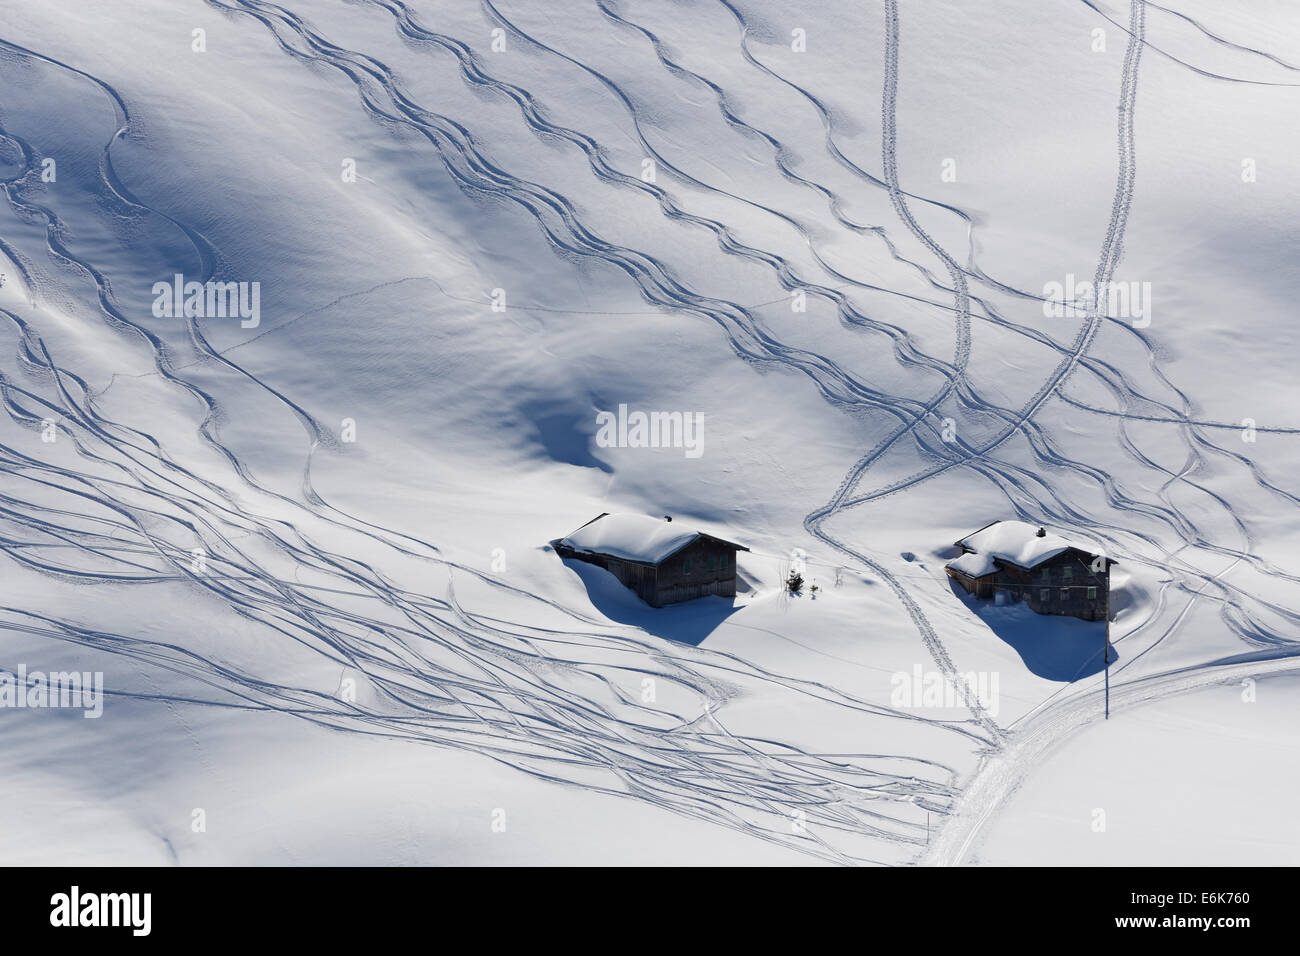 Ski tracks in deep snow, Unterdamülser Alpe, mountain pasture, Damüls, Bregenz Forest, Vorarlberg, Austria - Stock Image